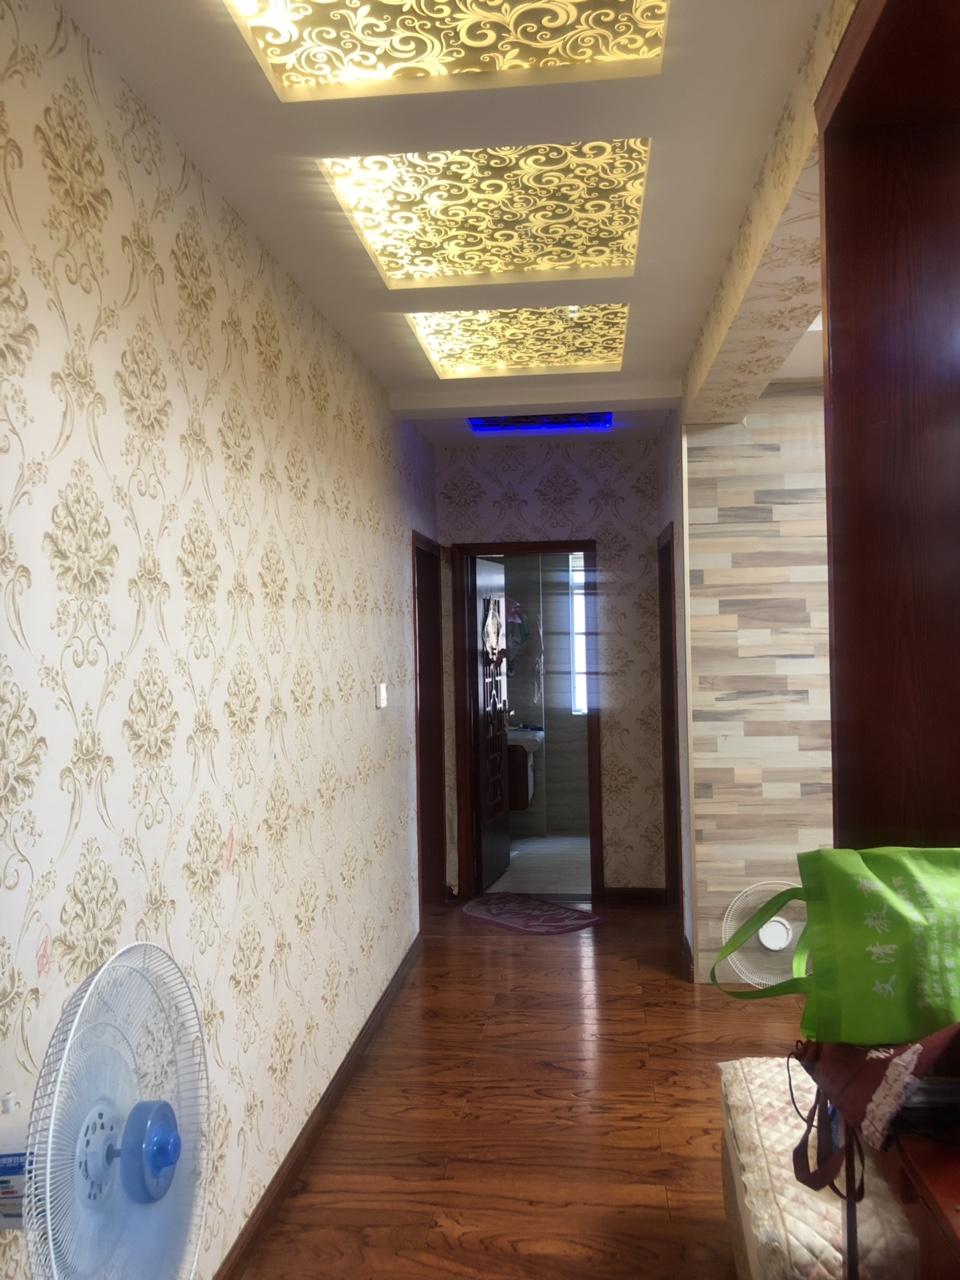 广州馨园2室2厅1卫大产权精装学区房